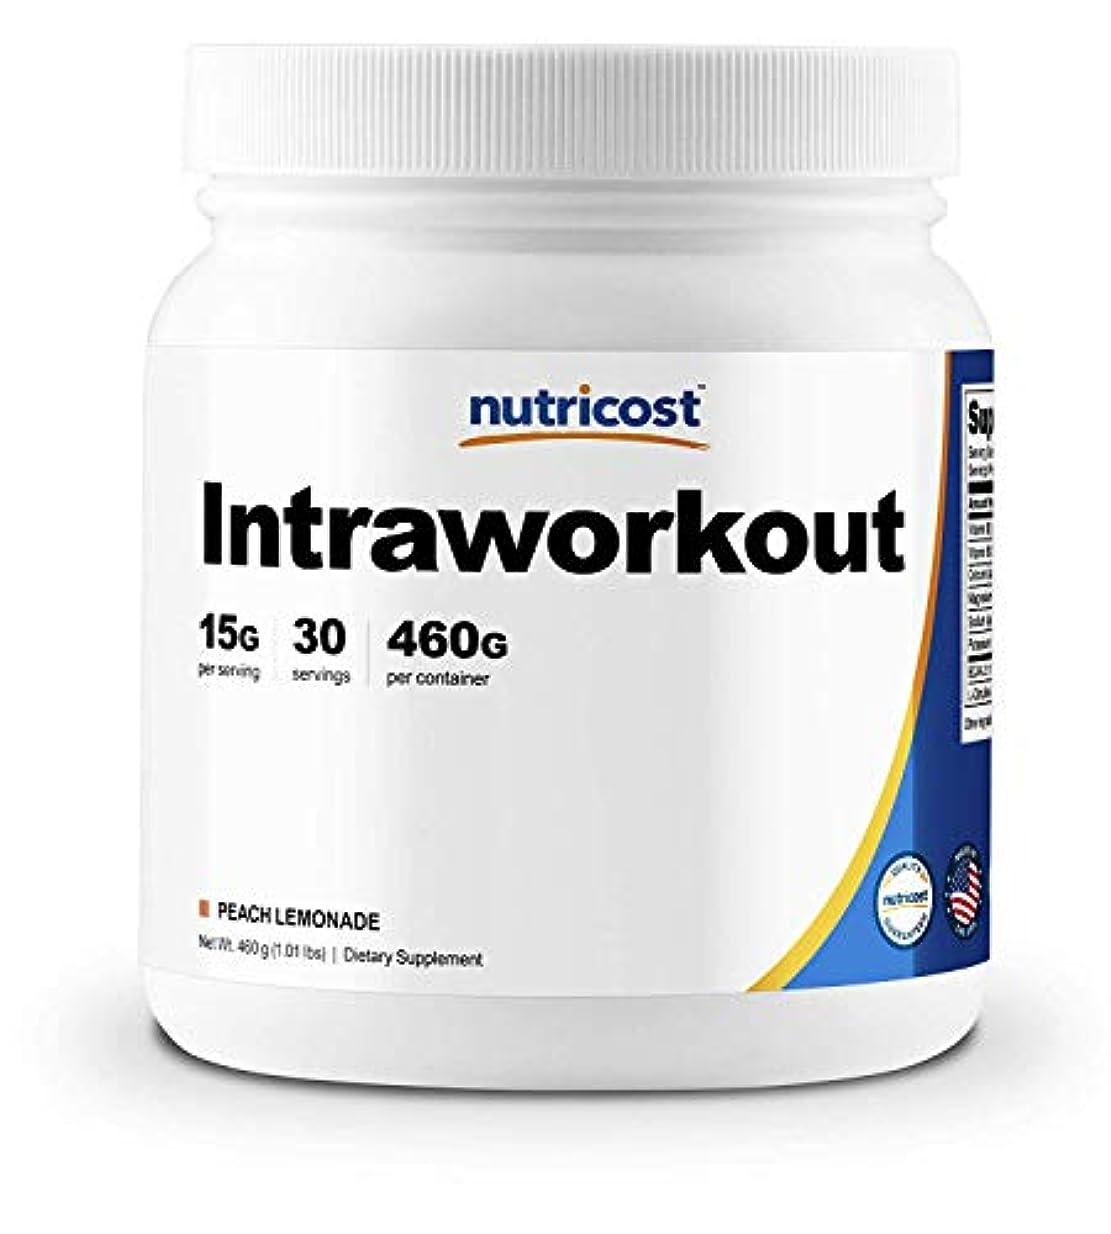 キルス軍奨励しますNutricost イントラワークアウトパウダー(ピーチレモネード味)、非GMO、グルテンフリー